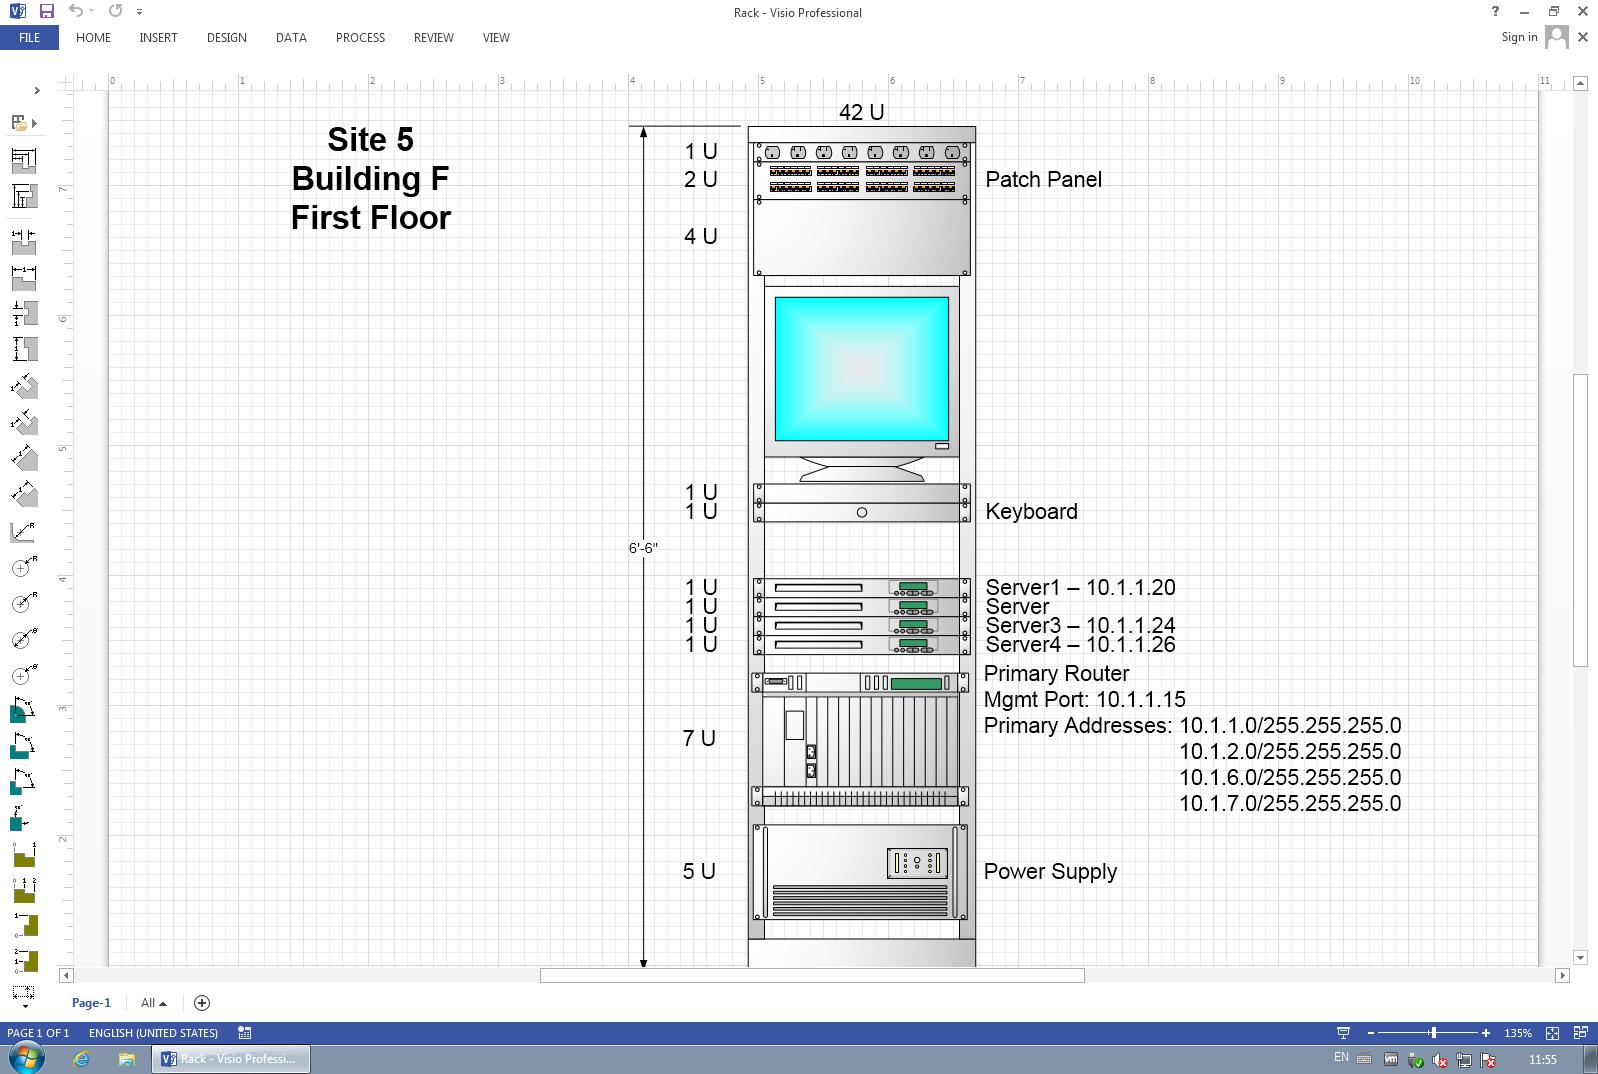 Freie Büroanwendung: Libreoffice 4.0 freigegeben - ...wurde ebenfalls verbessert. (Bild: Libreoffice)